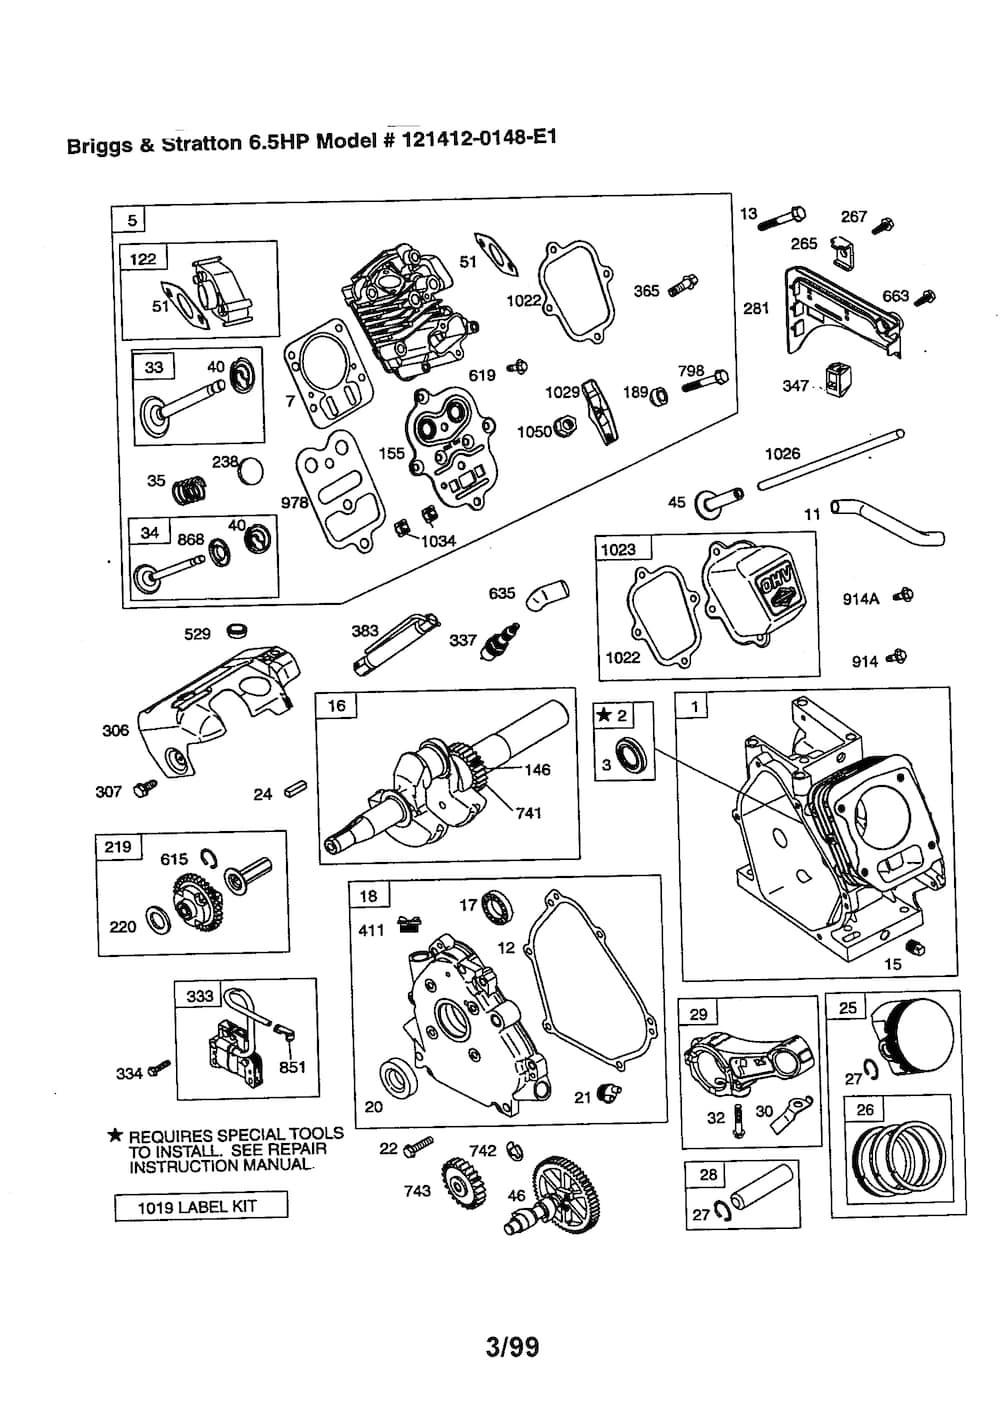 Briggs and Stratton Parts Diagrams Briggs and Stratton Lawn Mower Parts Diagram Of Briggs and Stratton Parts Diagrams